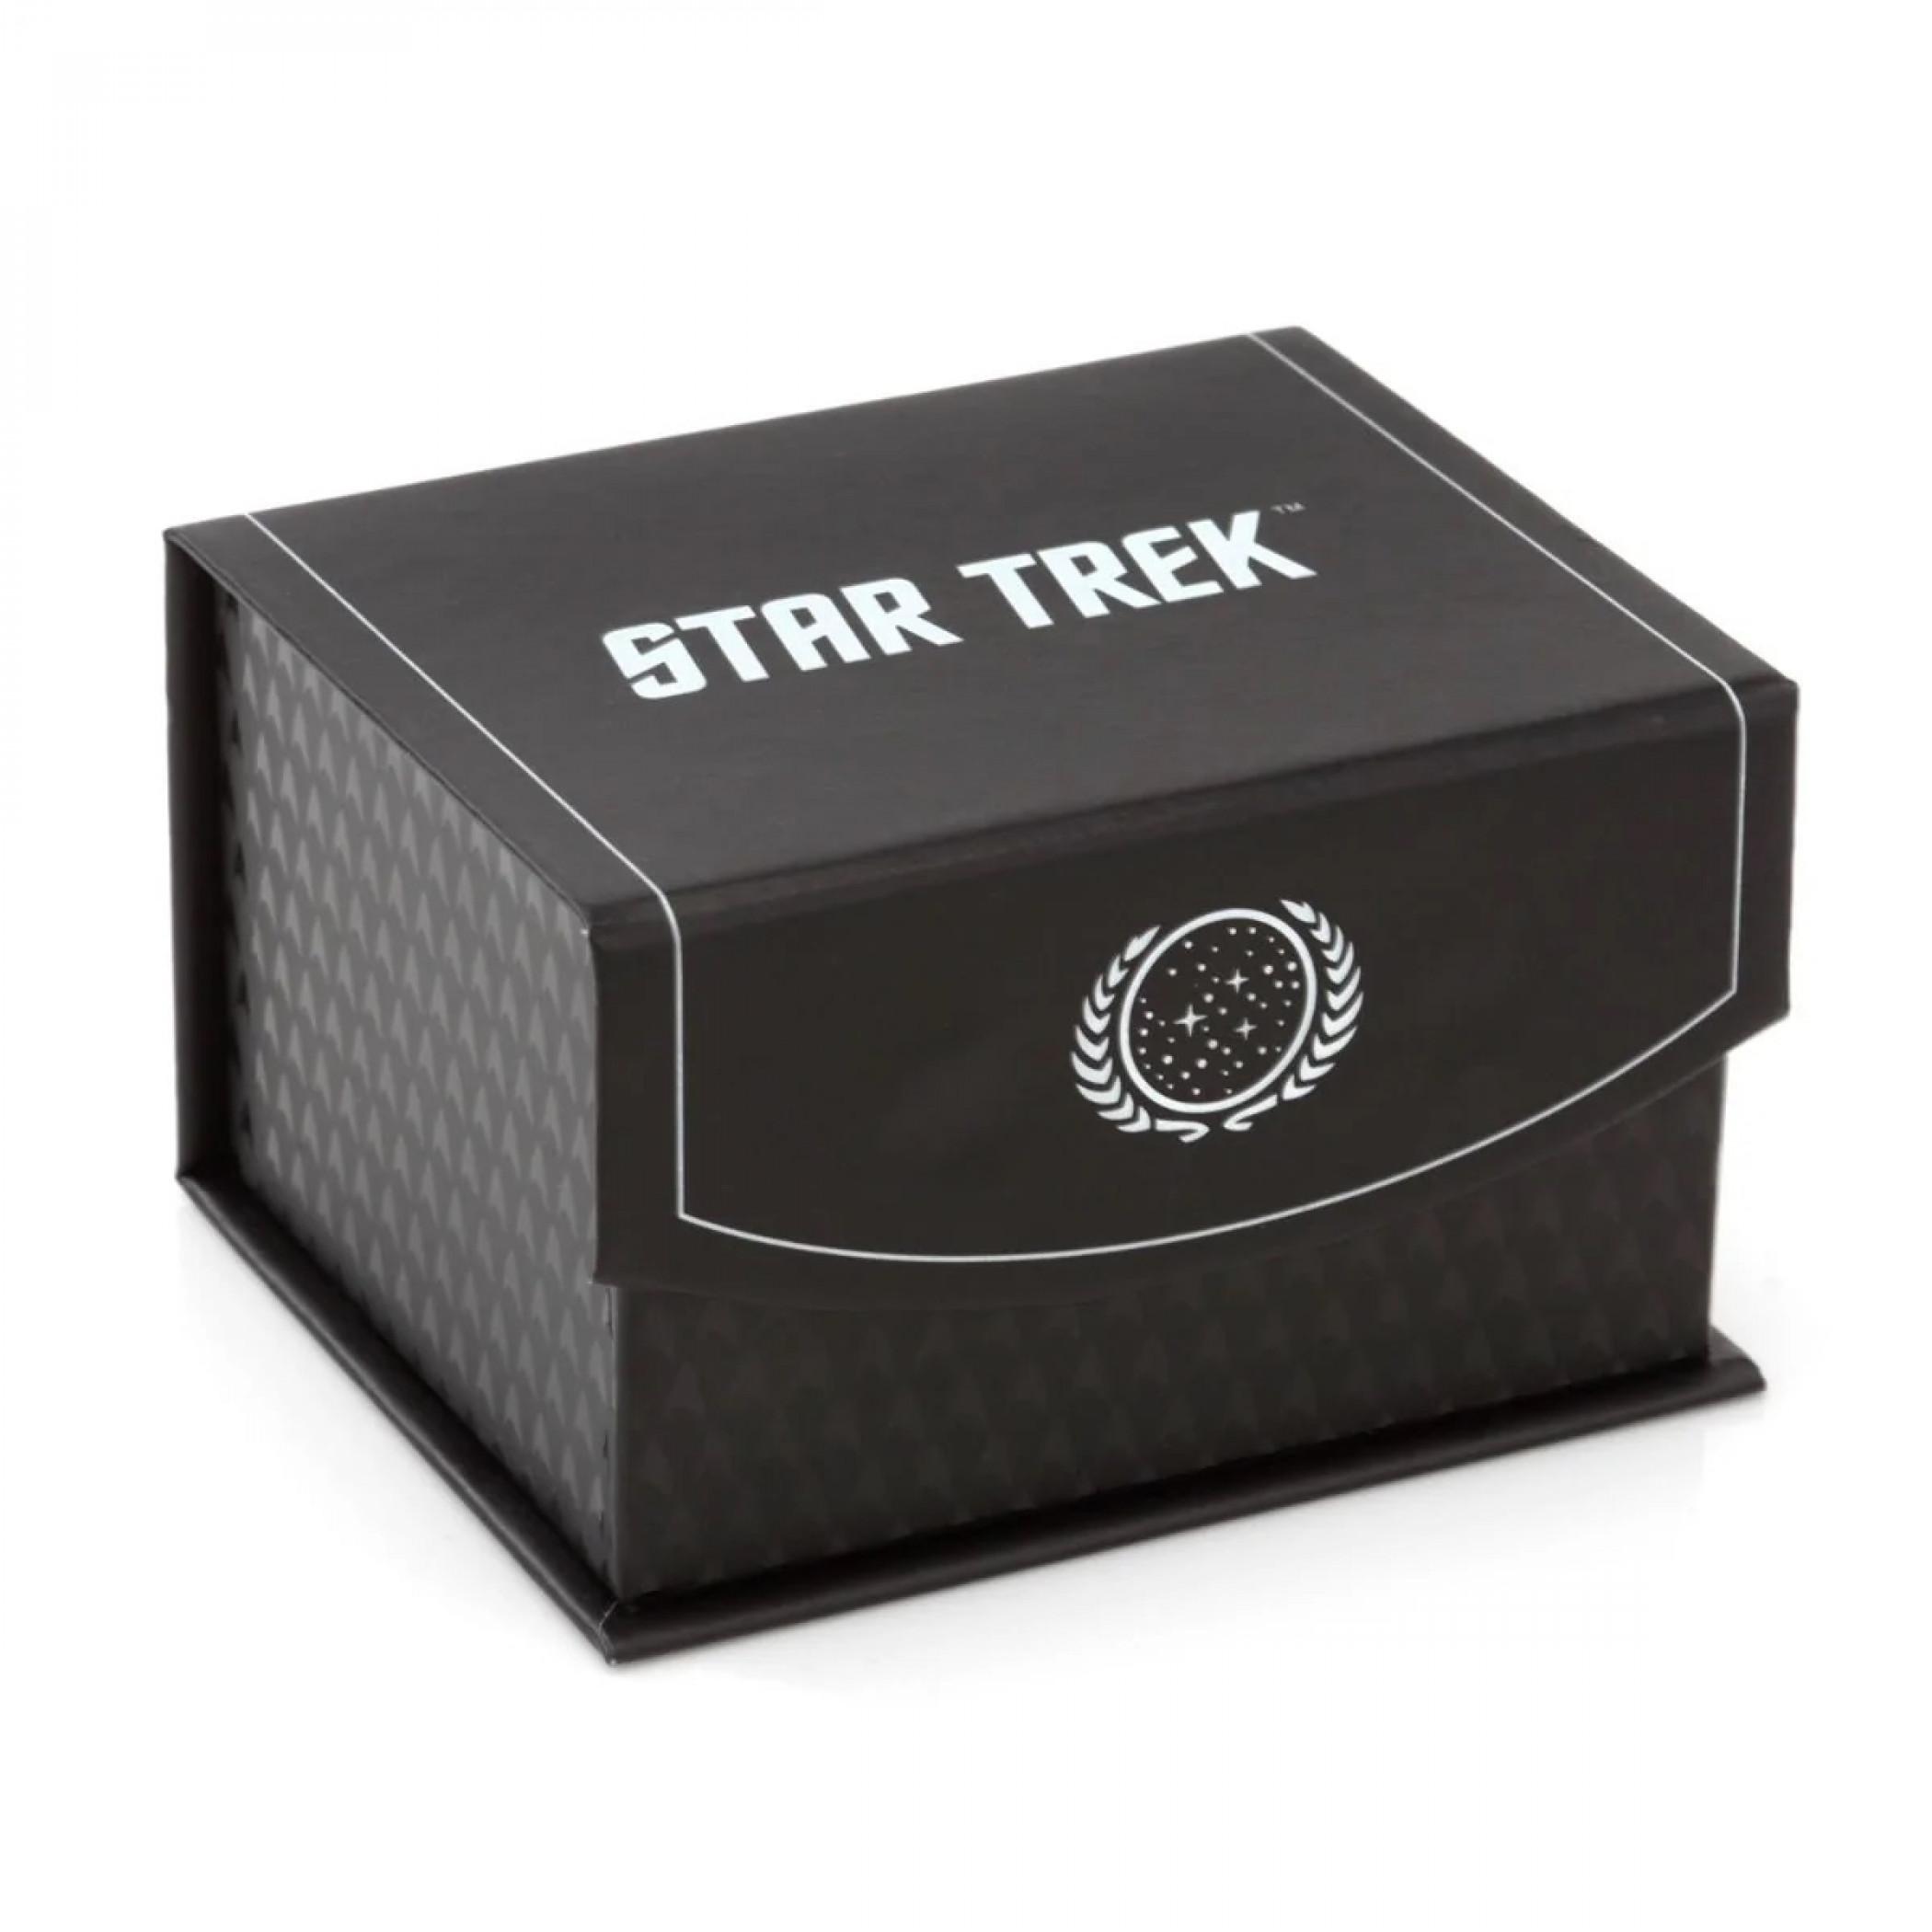 Star Trek Delta Shield Cutout Tie Bar